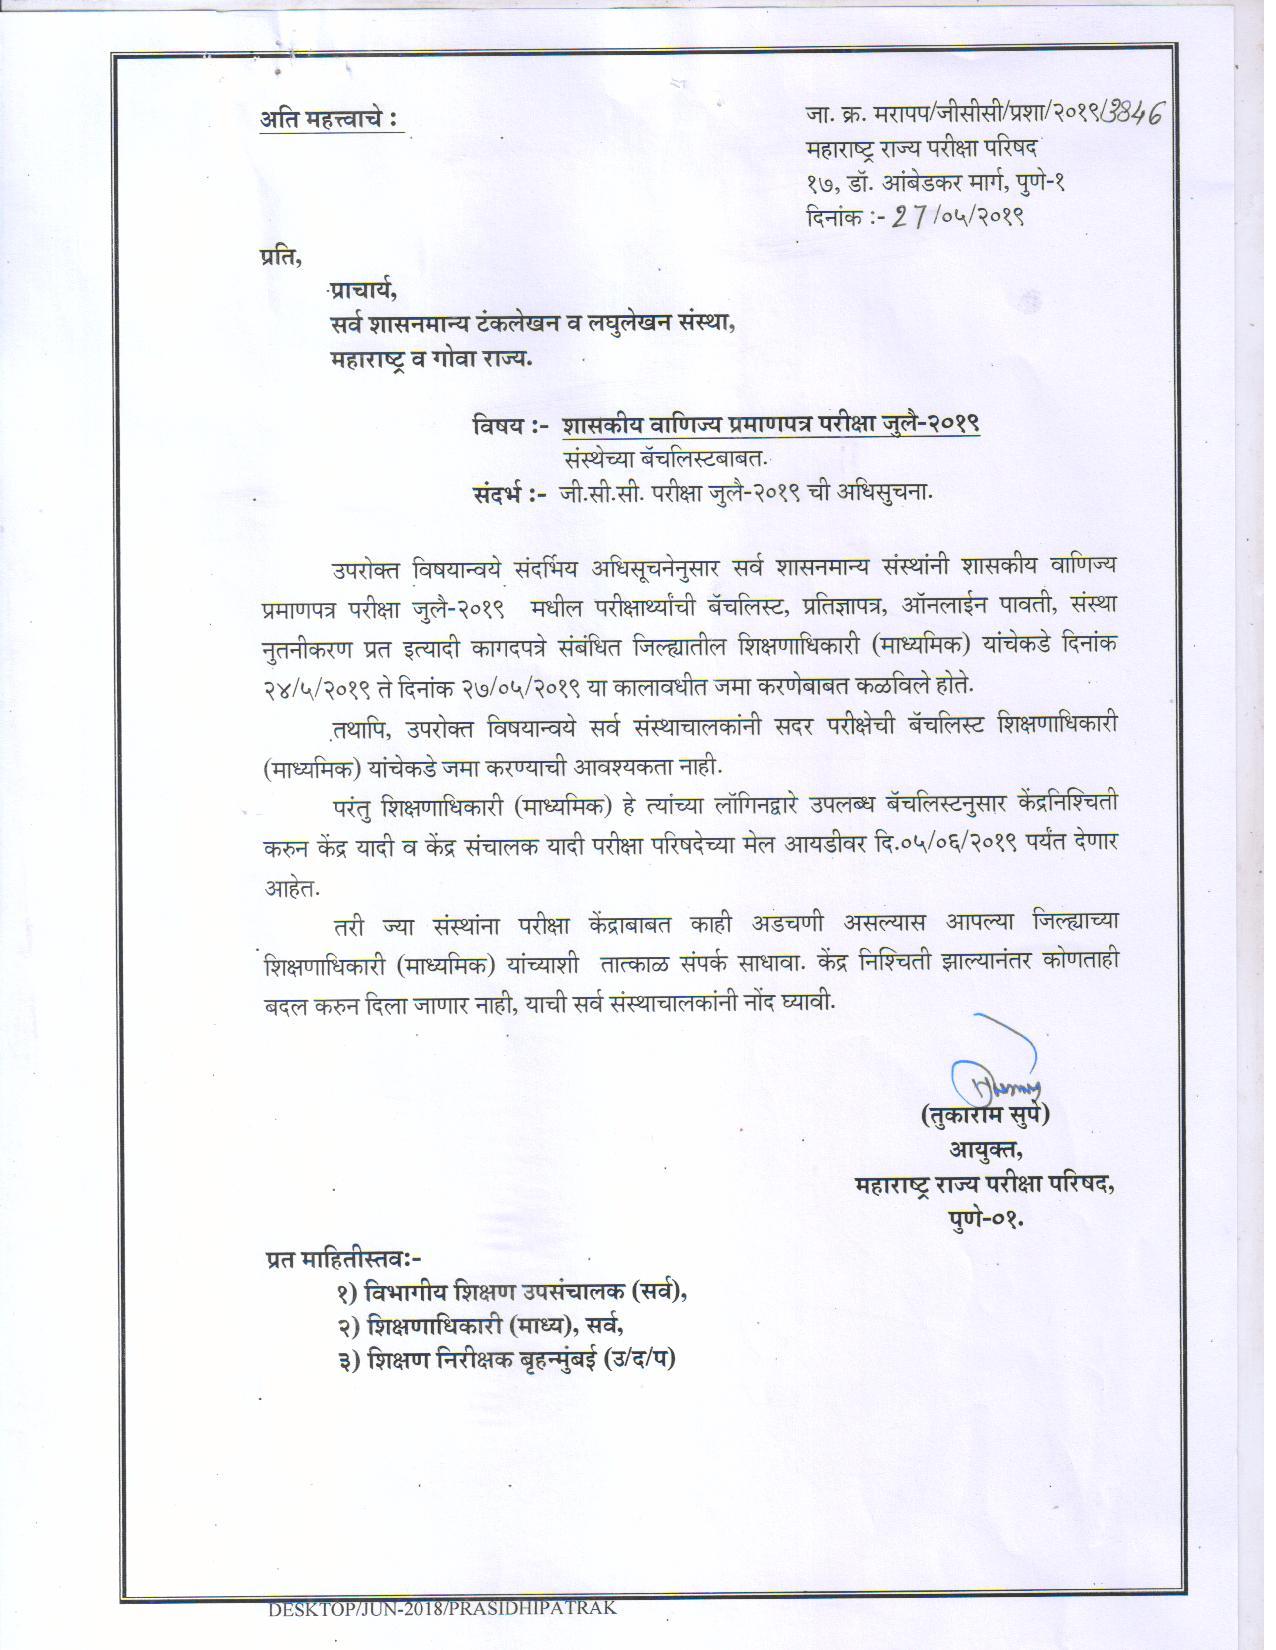 Maharashtra State Council of Examination